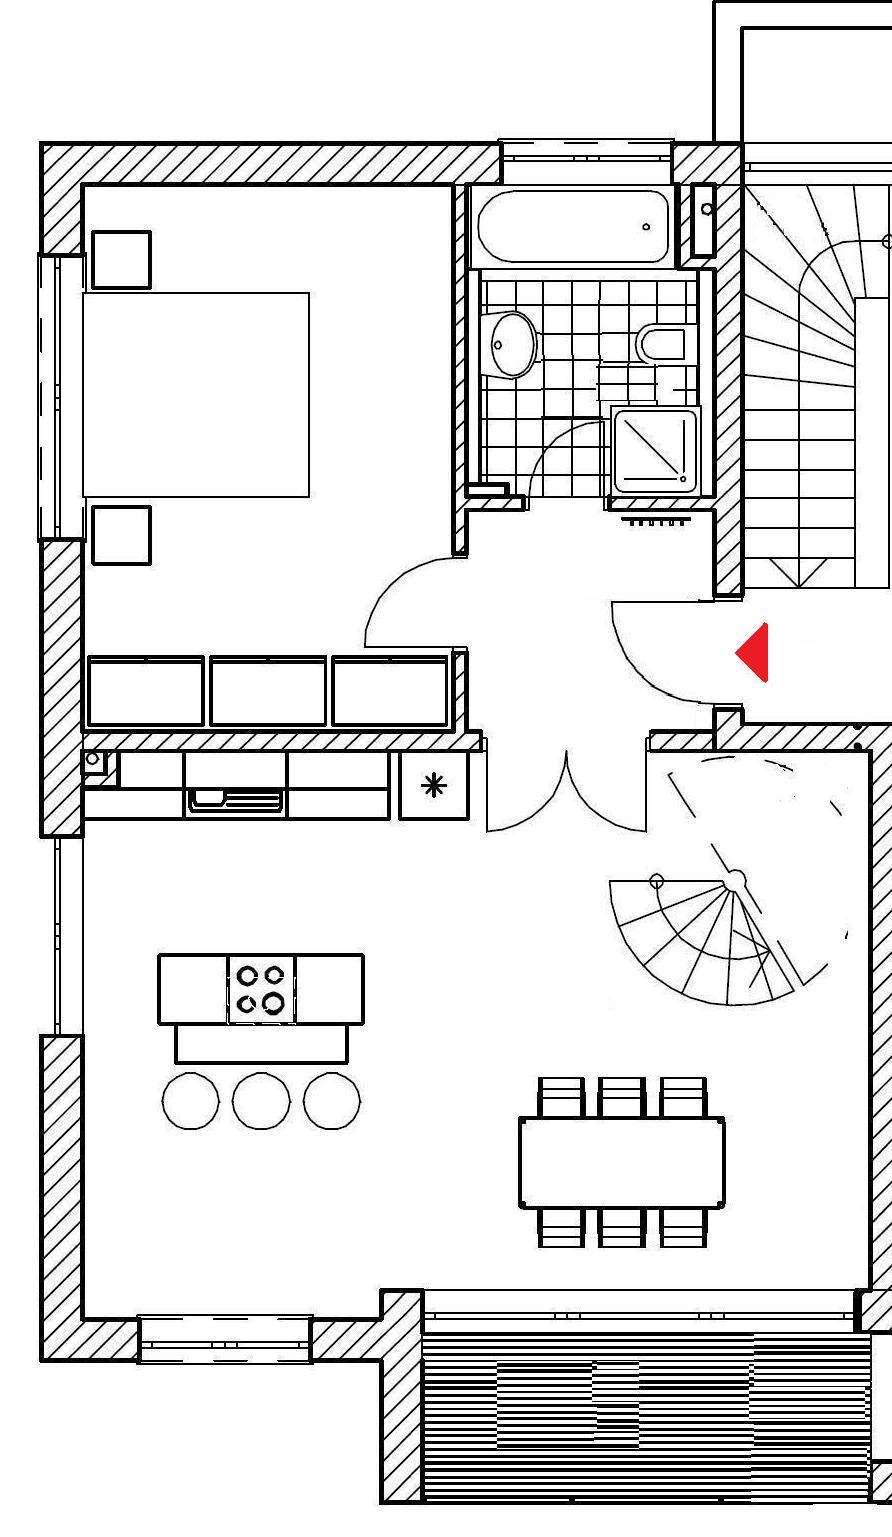 Moderne 111 qm Wohnung auf zwei Etagen im Zentrum von Erlangen in Erlangen Süd (Erlangen)